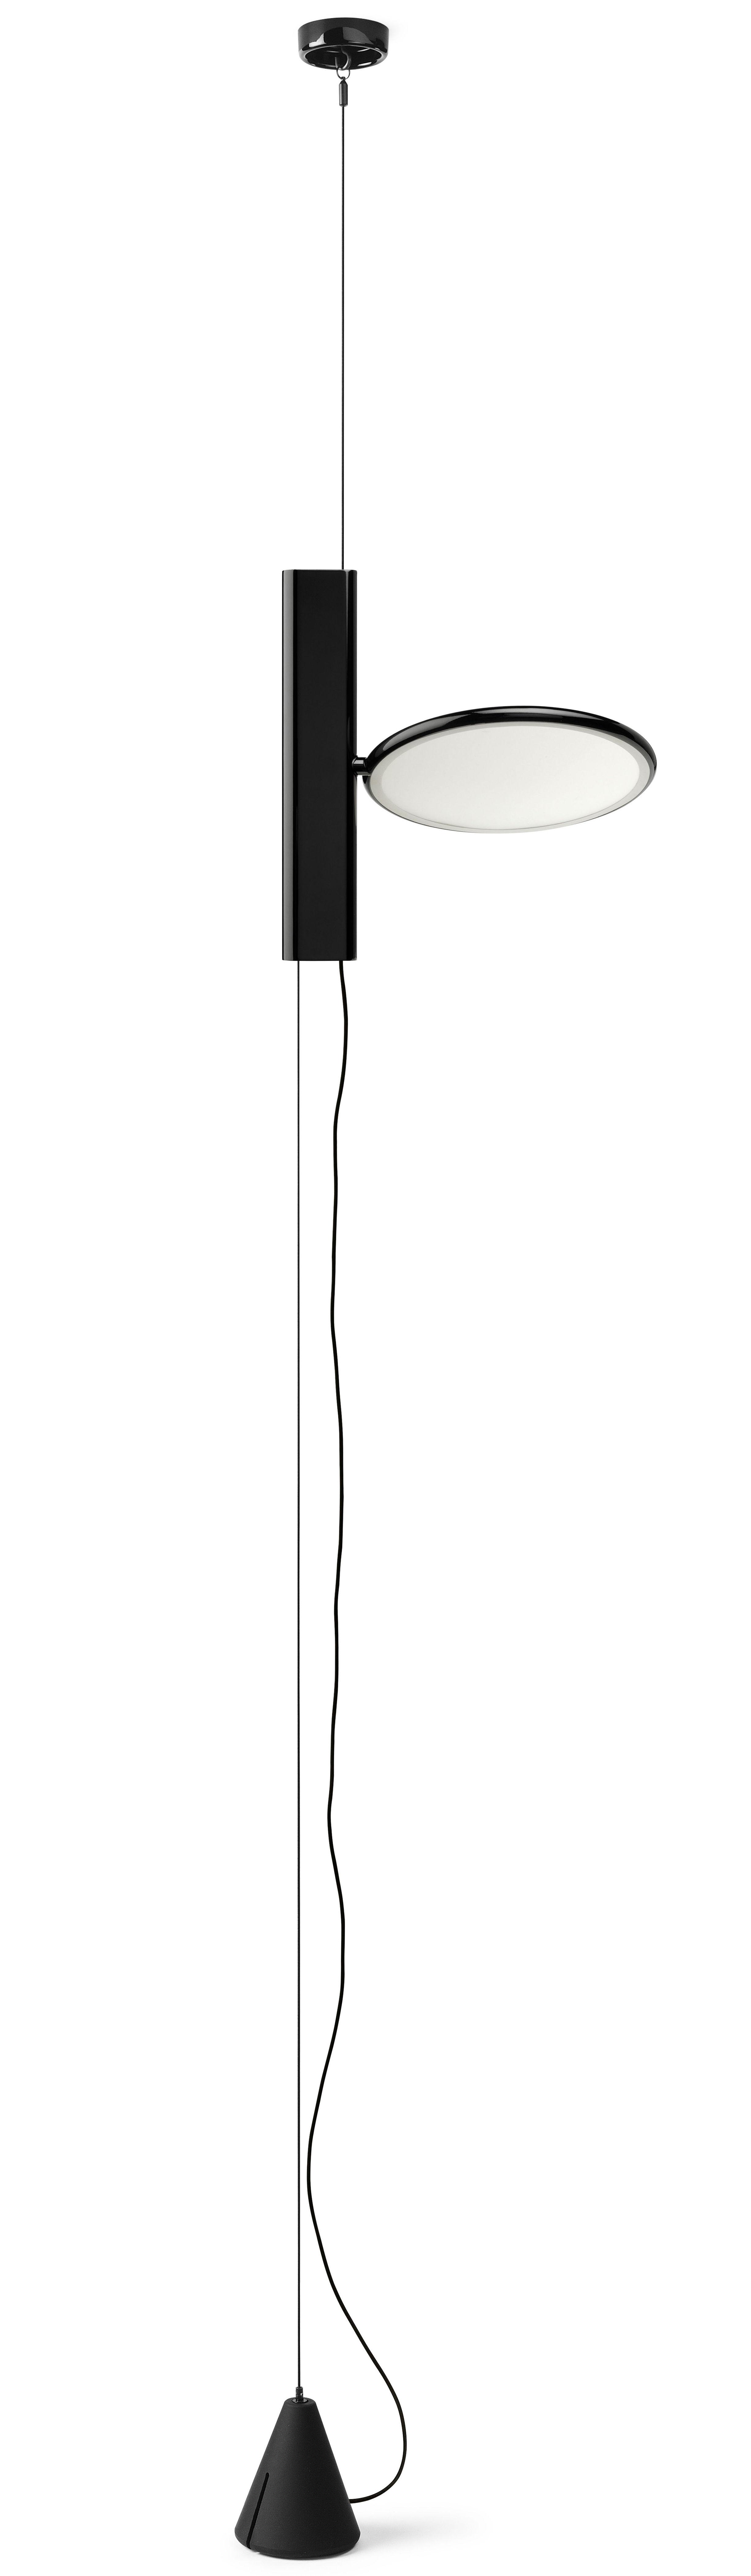 Leuchten - Stehleuchten - OK Lampe zum Aufhängen an der Decke / LED - Flos - Schwarz - Fonte d'aluminium vernie, Polyamid